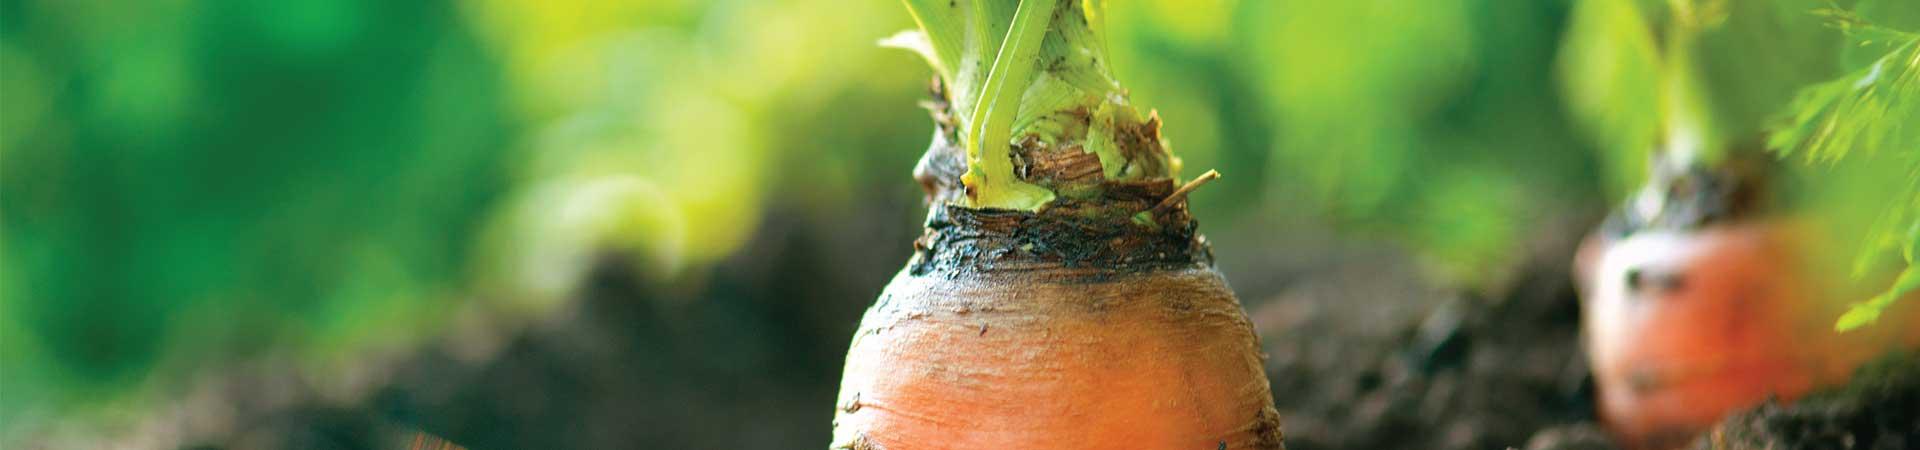 Natures-Emporium-Organic-Produce-Banner-Image